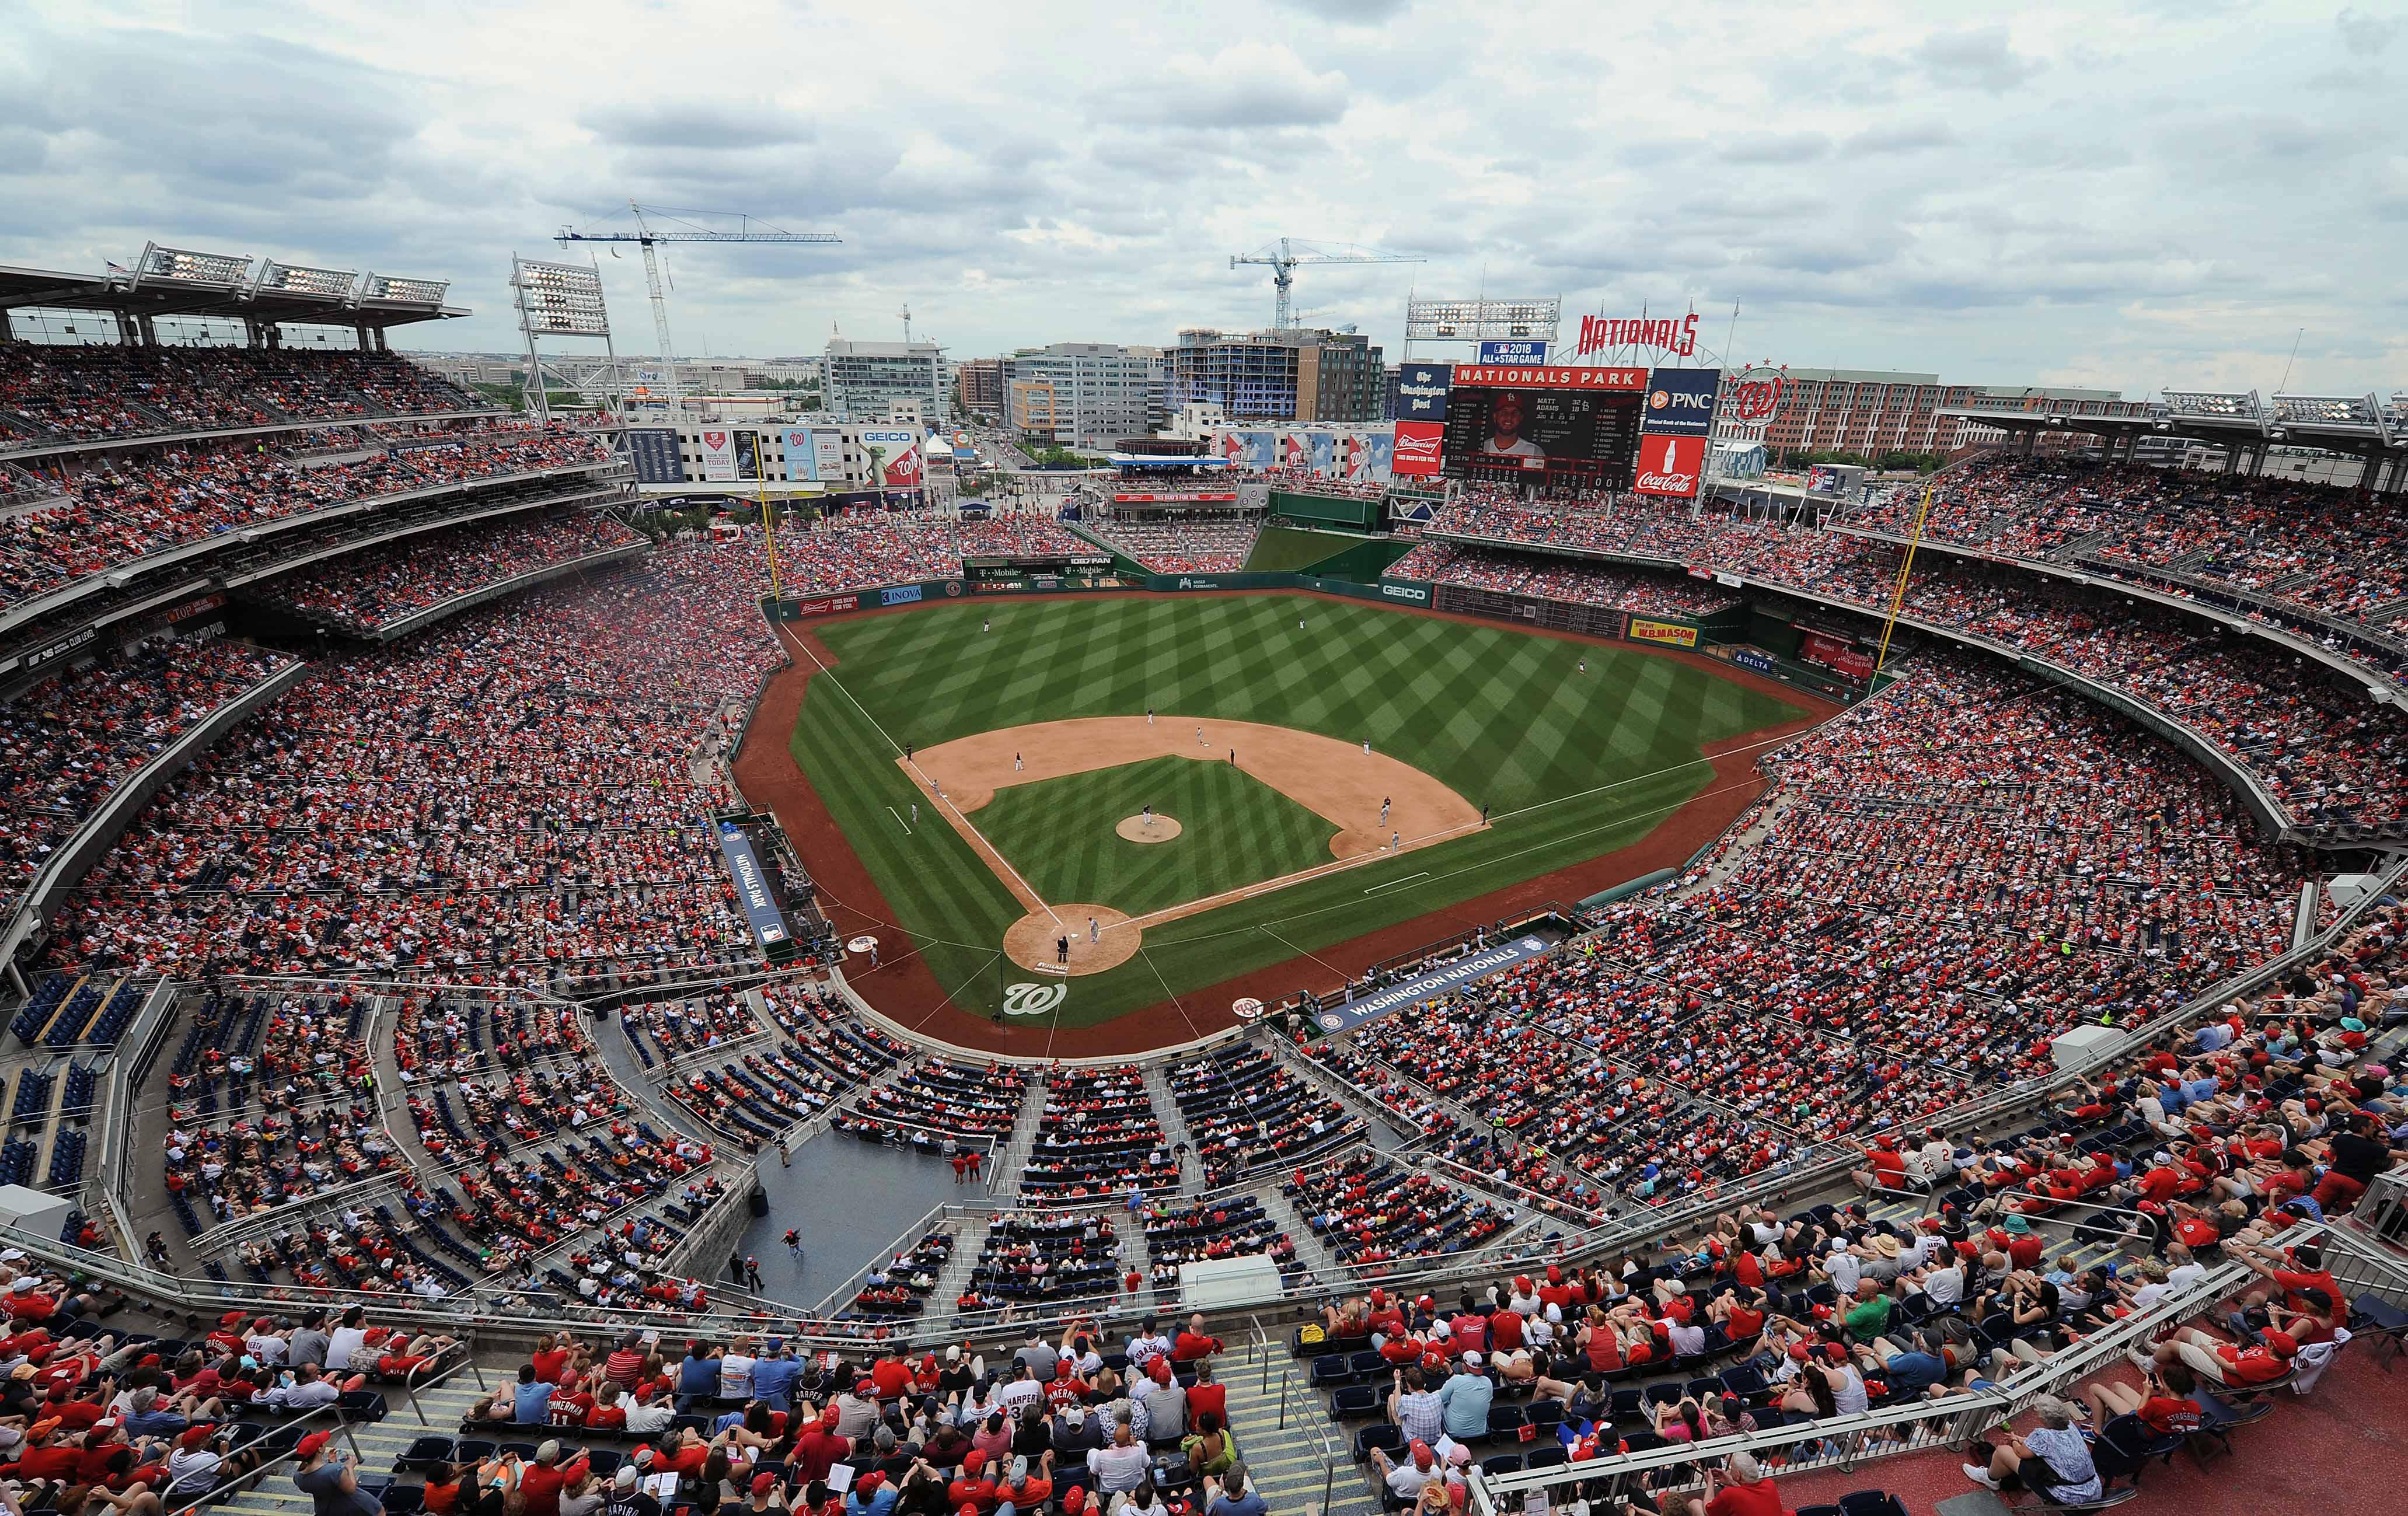 MLB: St. Louis Cardinals at Washington Nationals